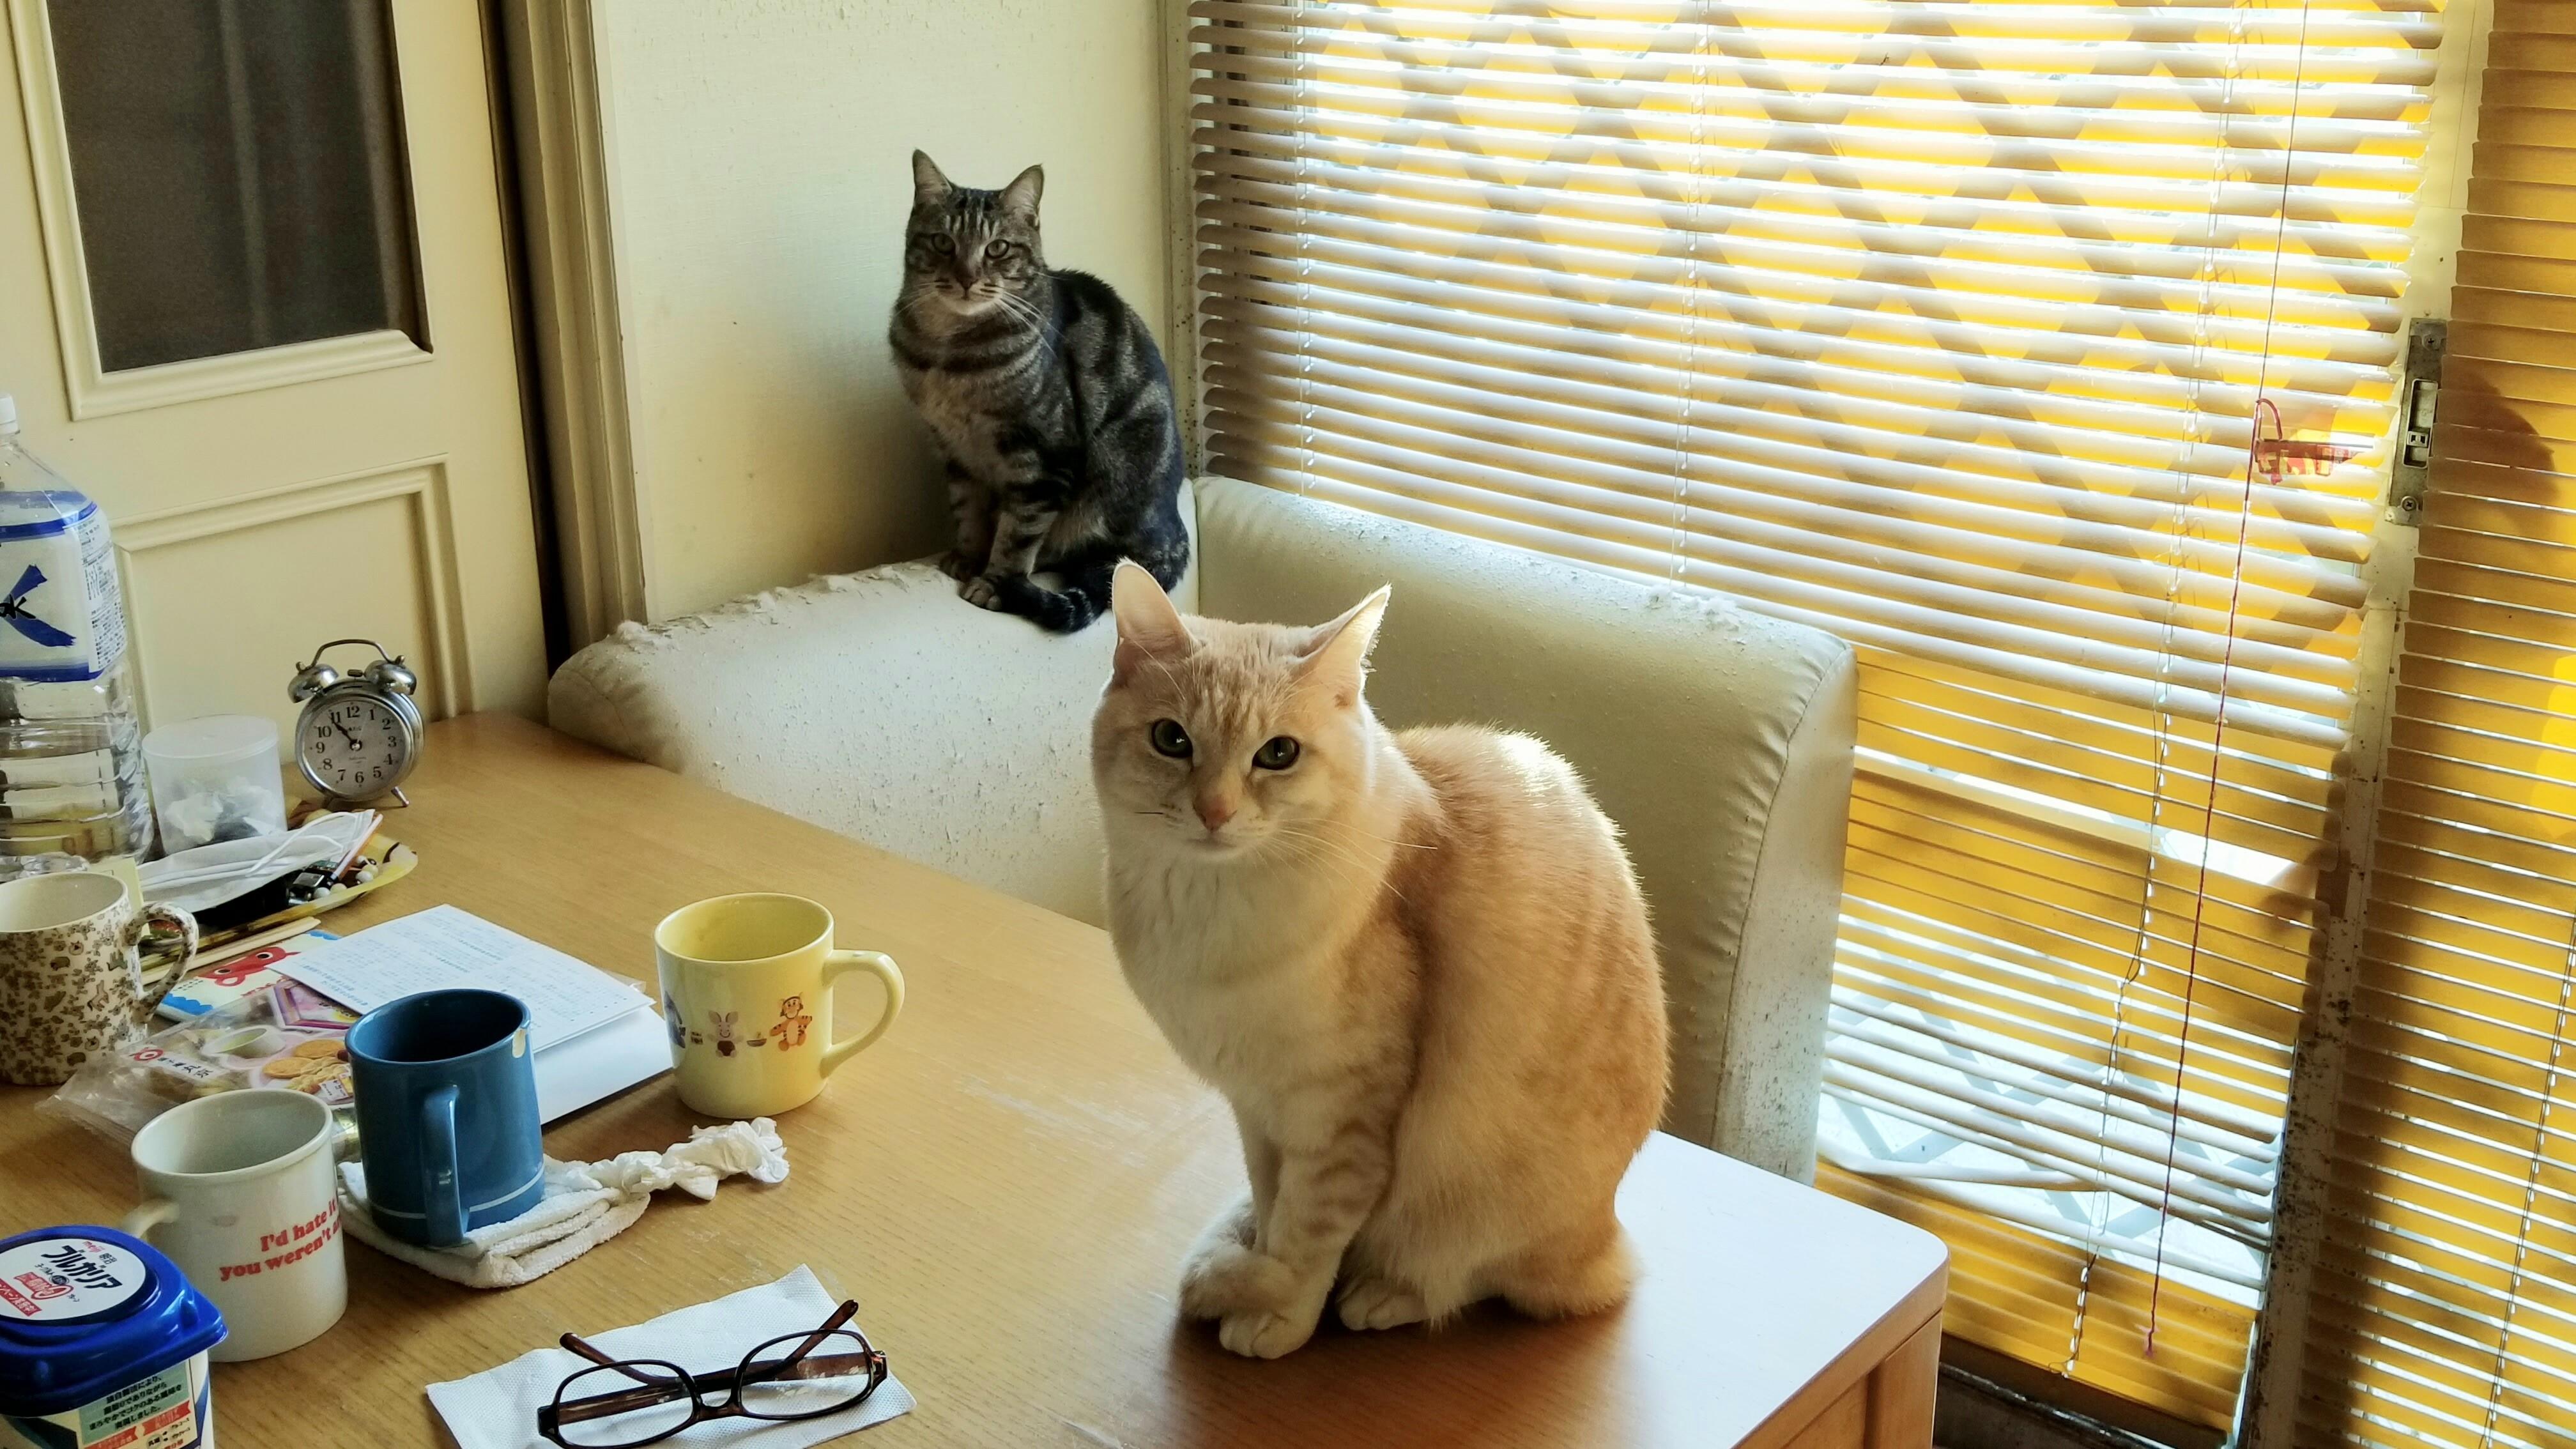 おば宅家のかわいい猫ちゃんにゃんこラブ茶色黒ネコ派好きメロメロ